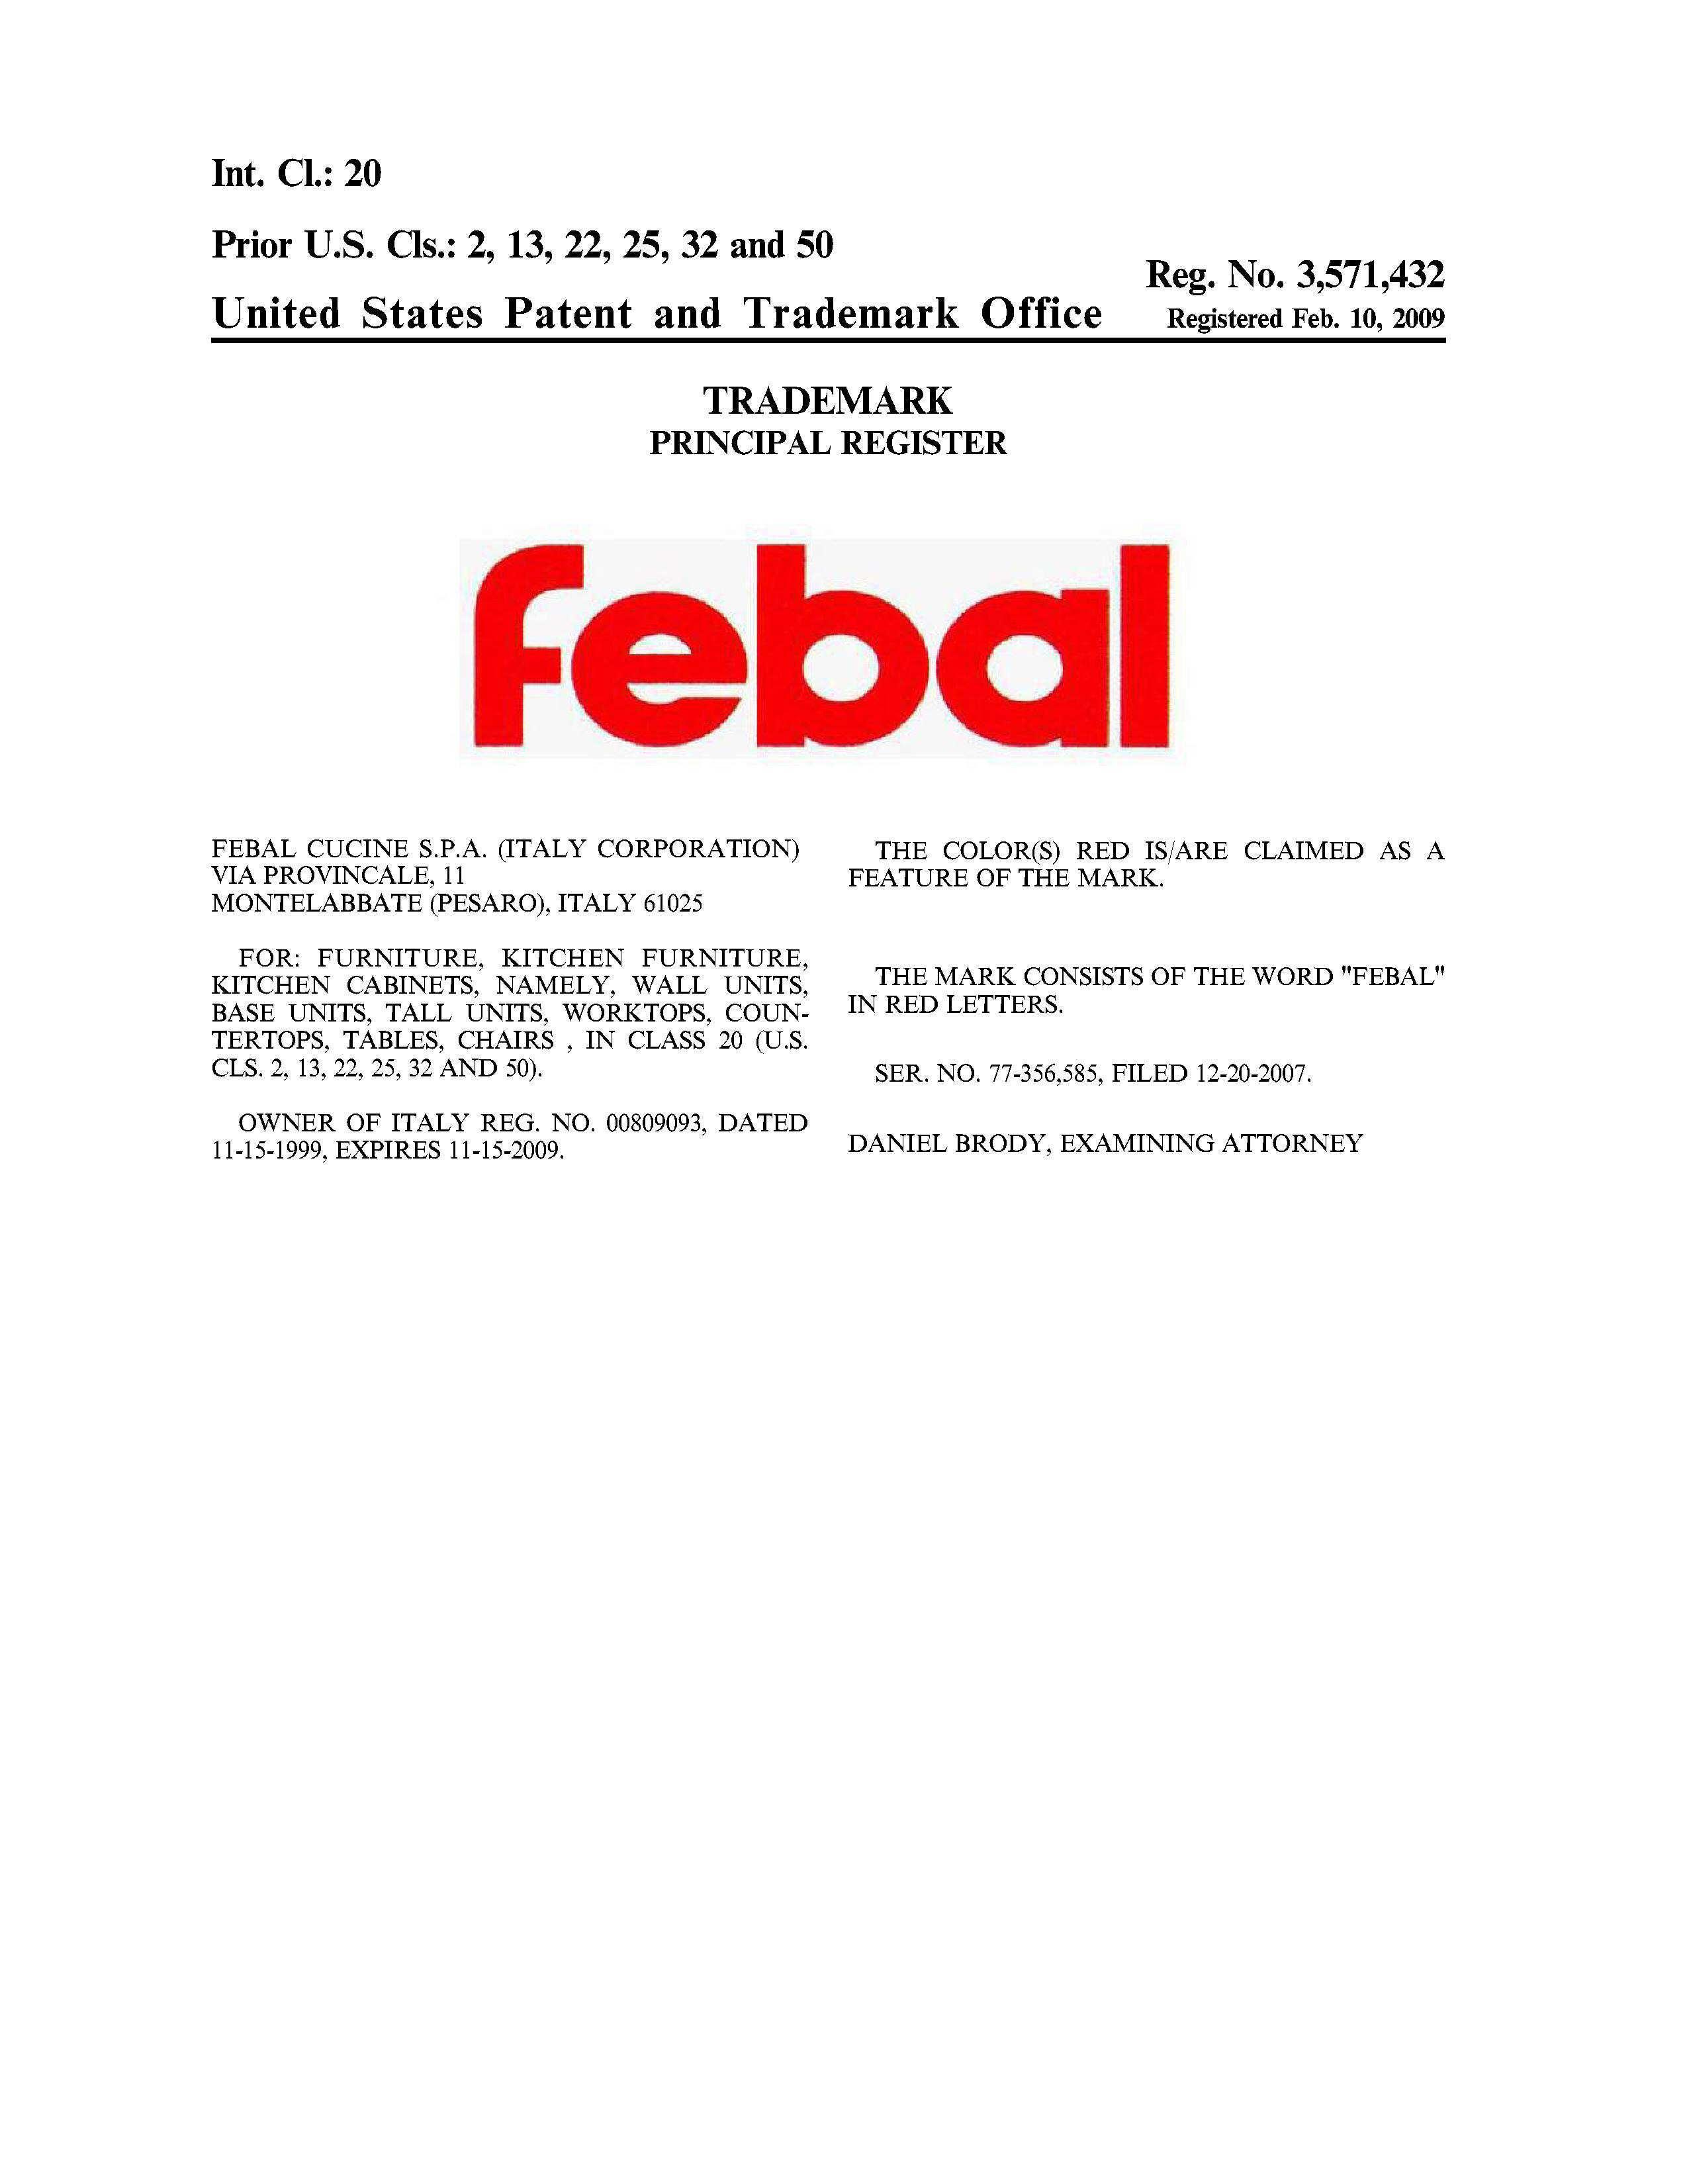 FEBAL Details, a Report by Trademark Bank | Calendar Your Mark ...